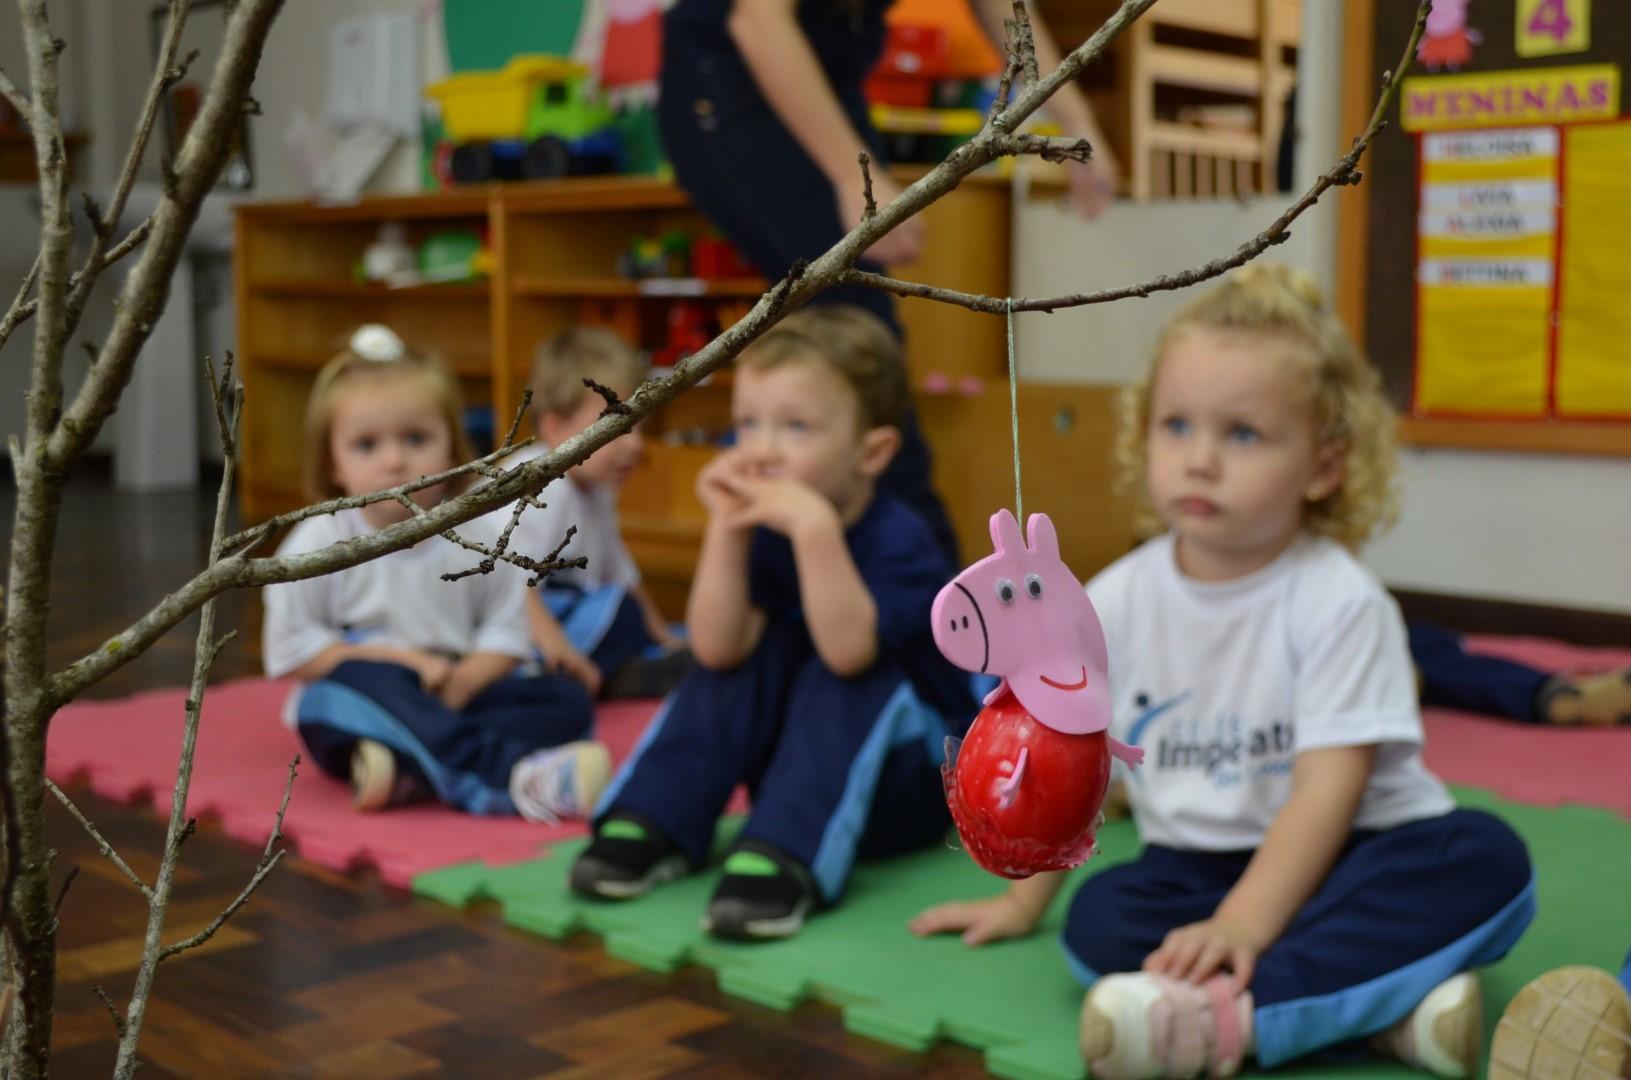 Alunos da Educação Infantil do Colégio Imperatriz montam Árvore de Páscoa - 15.03.2016Alunos da Educação Infantil do Colégio Imperatriz montam Árvore de Páscoa - 15.03.2016